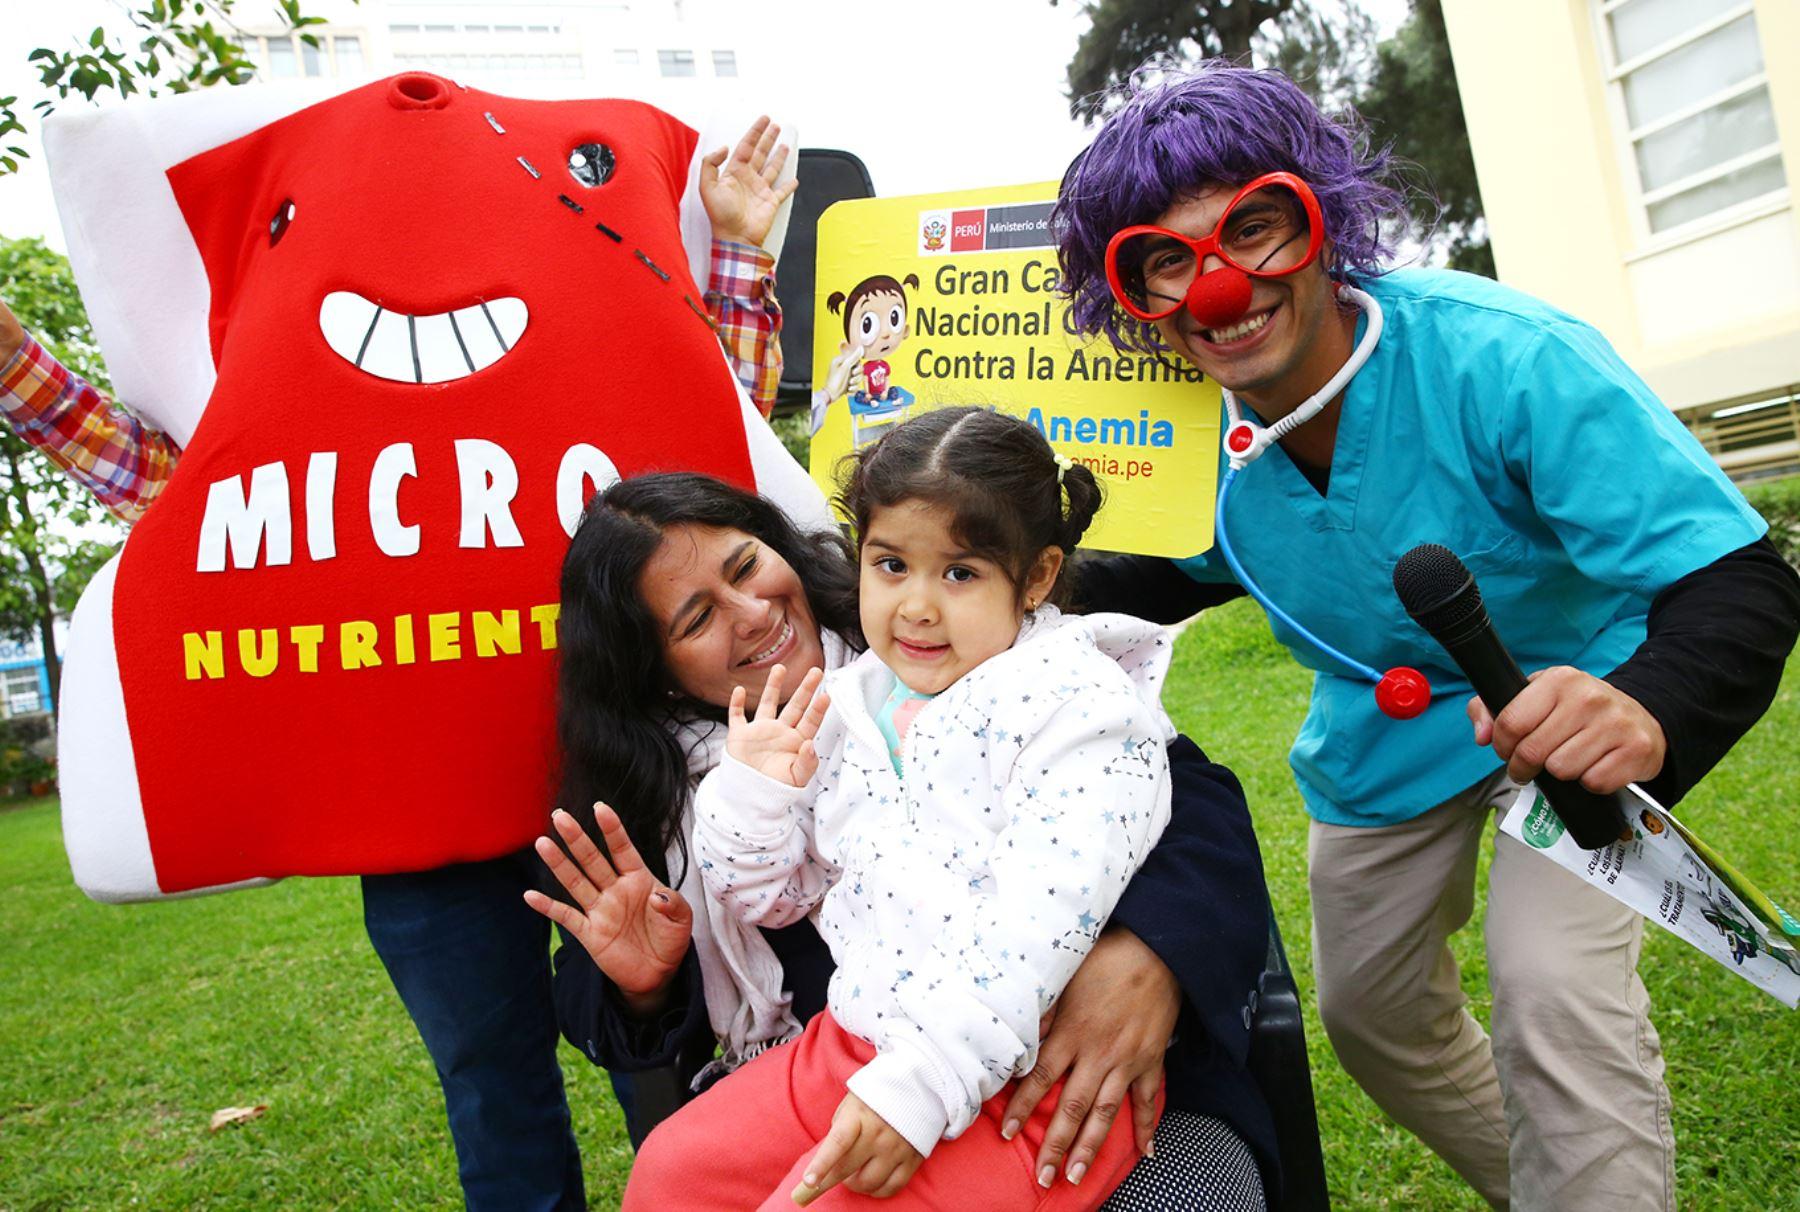 """LIMA PERÚ, OCTUBRE 19. Ministerio de Salud presenta Campaña Nacional de Diagnóstico y Tratamiento de la Anemia,  """"Patrulla Antianemia"""" Foto: ANDINA/Melina Mejía"""